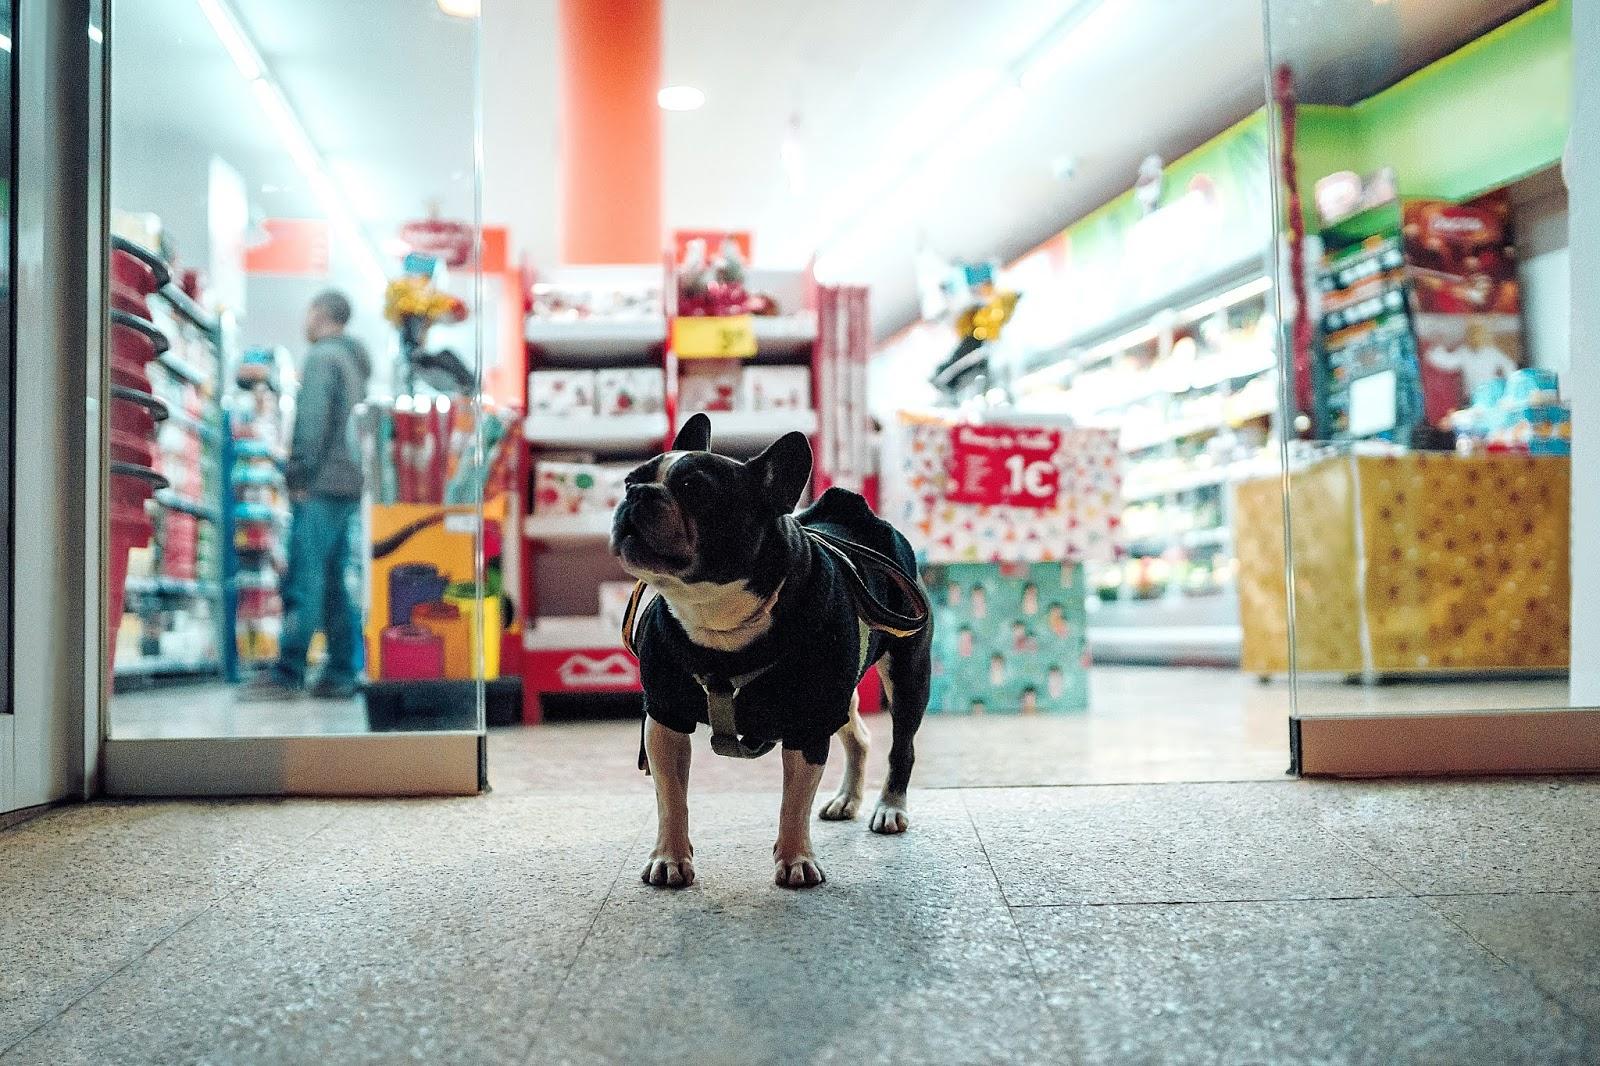 Γιατί δεν πρέπει να αφήνετε τον σκύλο δεμένο έξω από το σούπερ μάρκετ